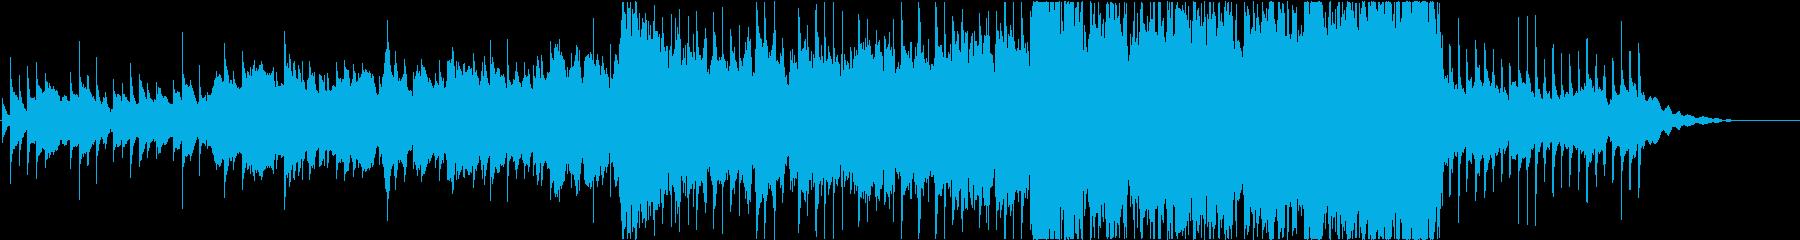 ミスティック、シネマティック、アンビエンの再生済みの波形